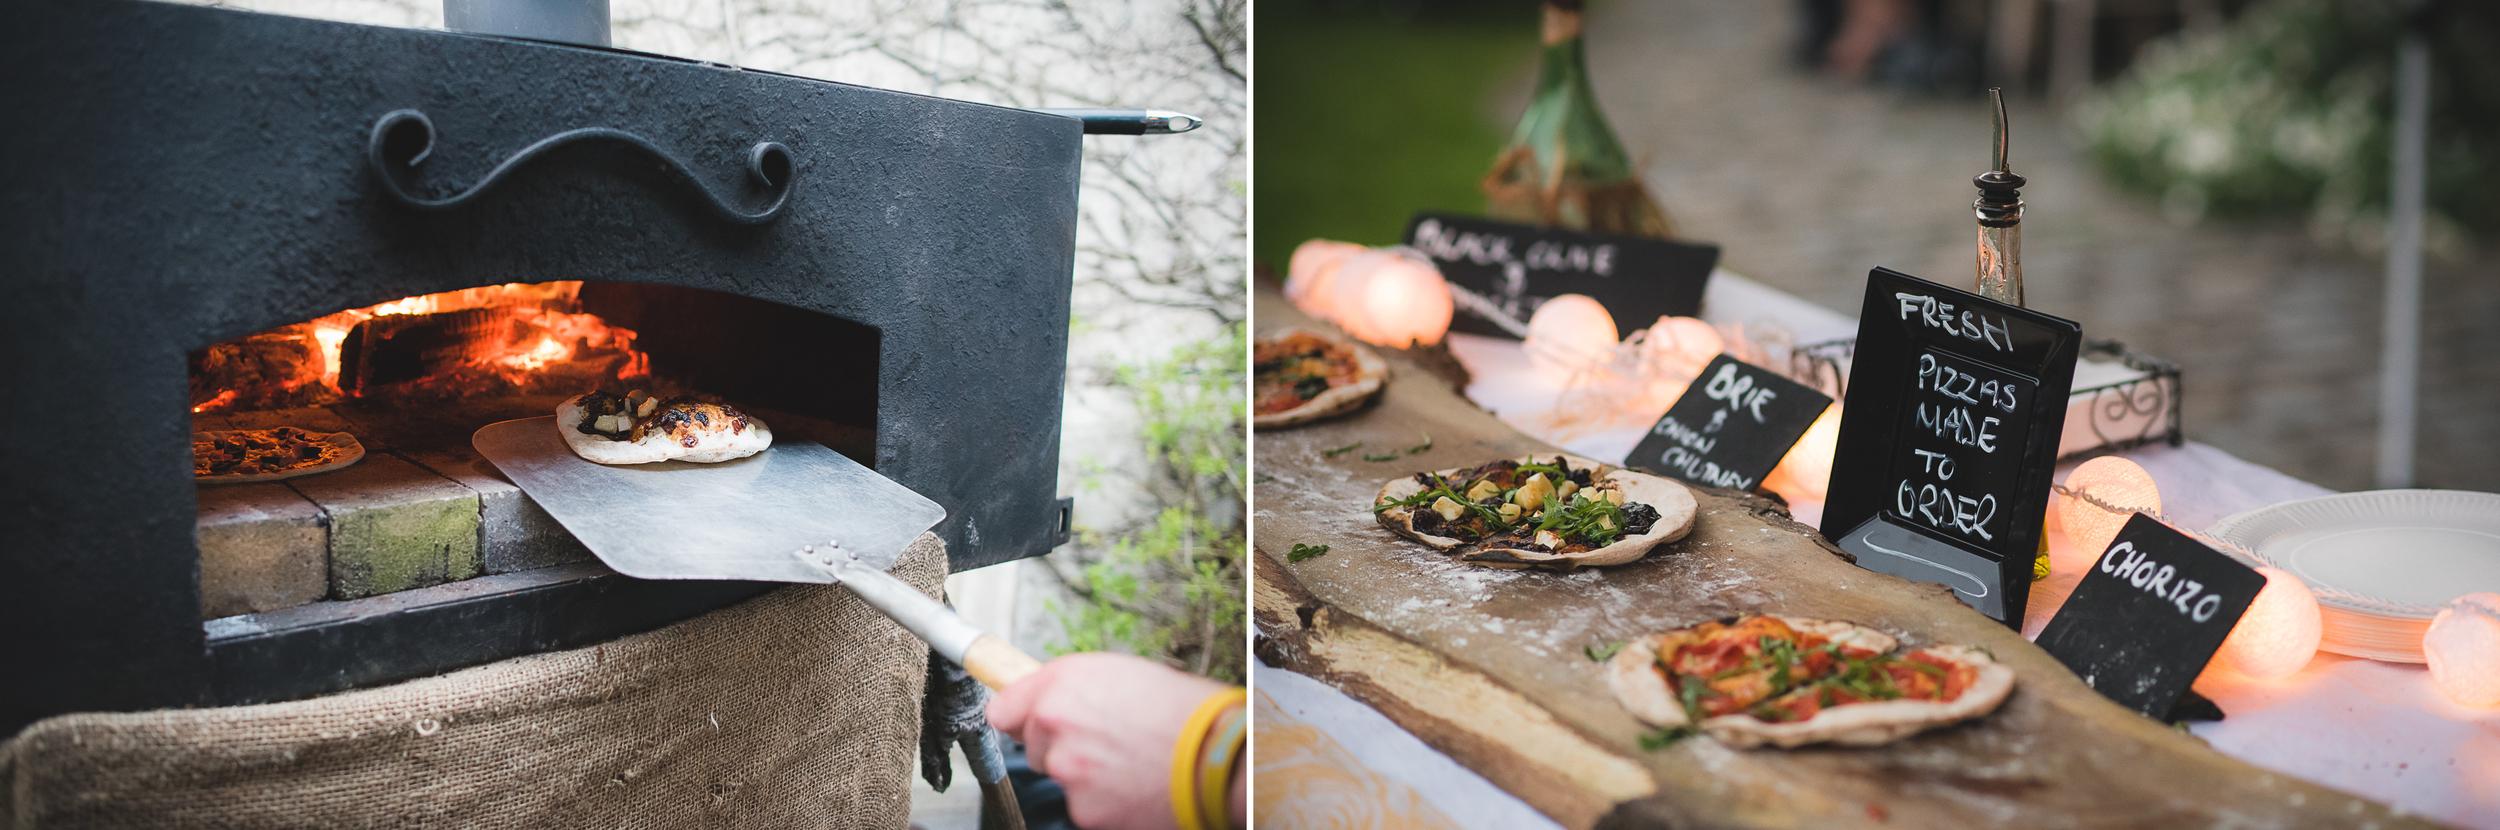 wedding-caterer-bristol-pizza-oven.jpg